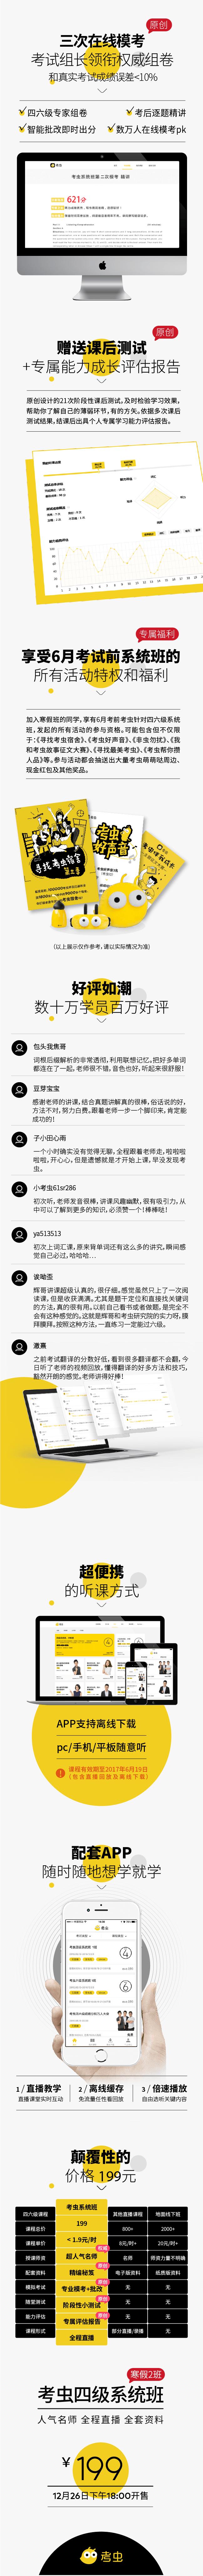 考虫4级系统班寒假班-202.png